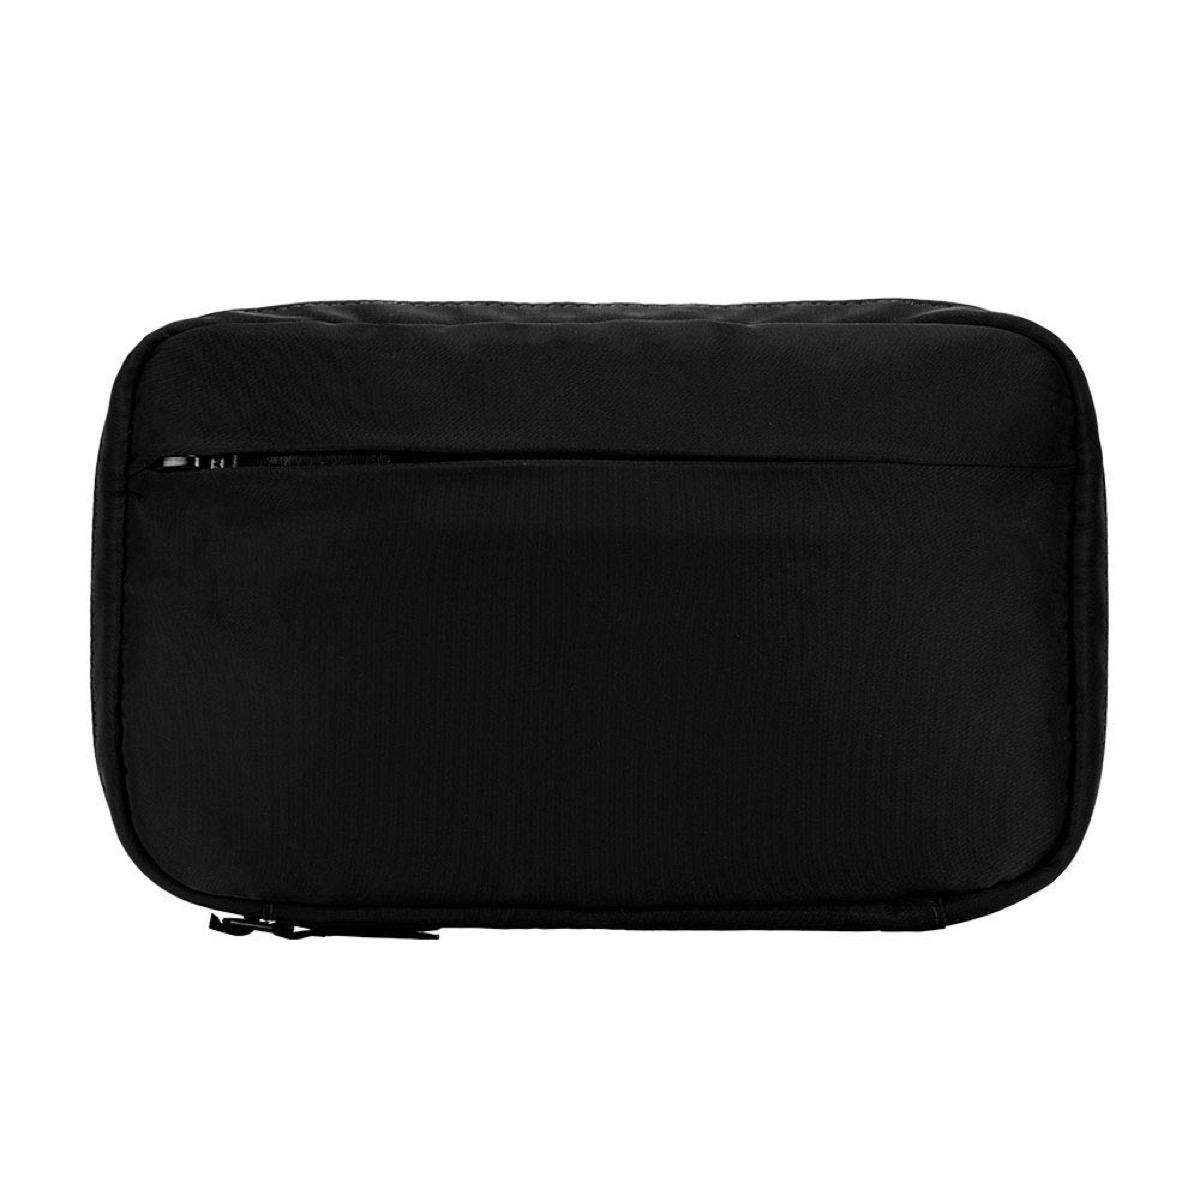 incase black nylon accessory organizer